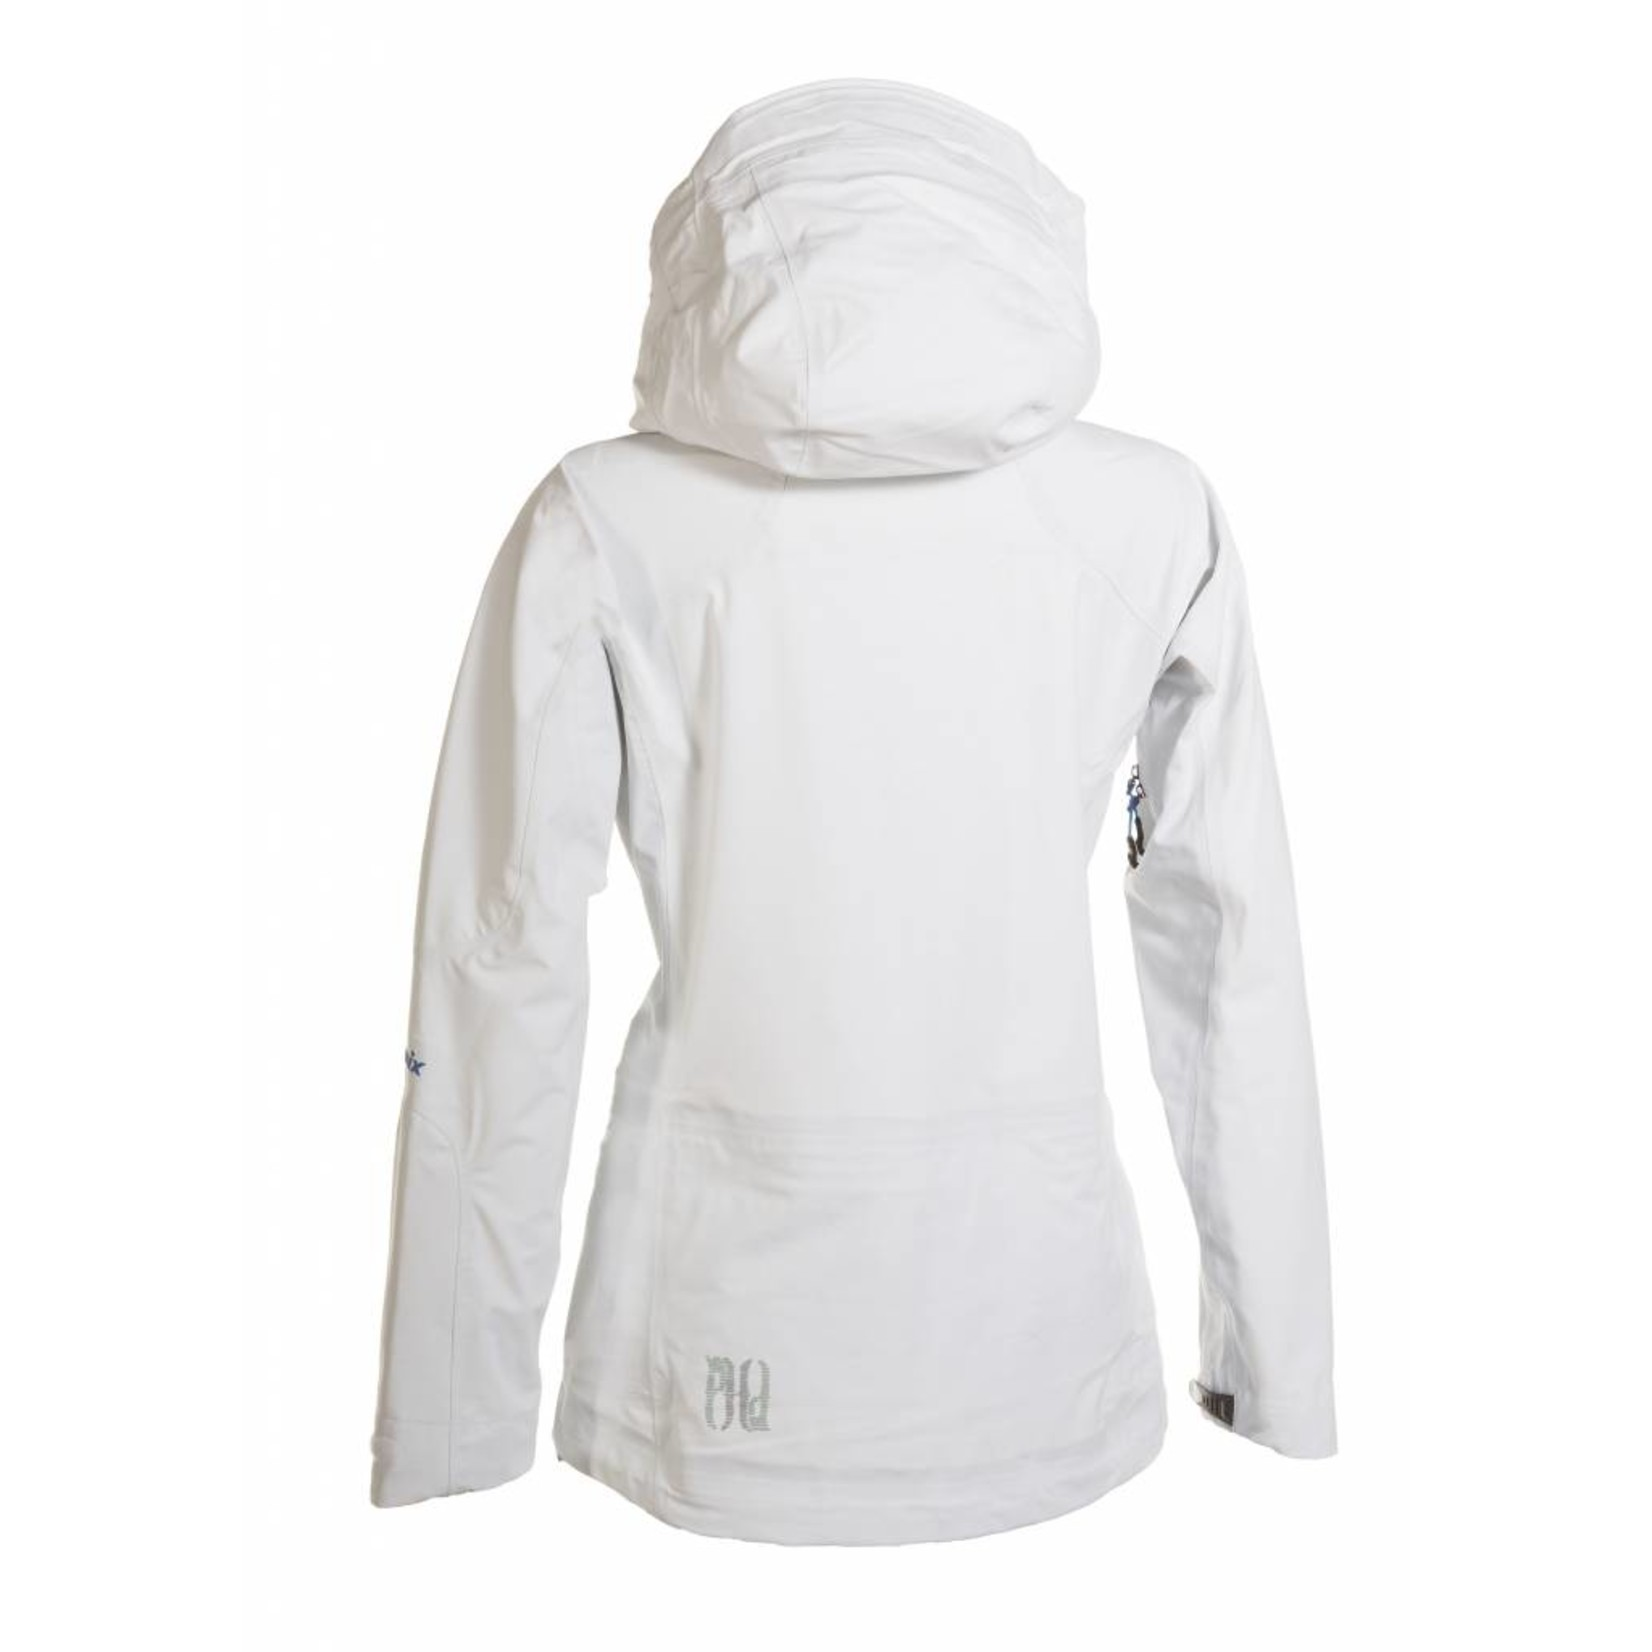 PHENIX  Black Powder Womes´s 3l Shell Jacket - WT